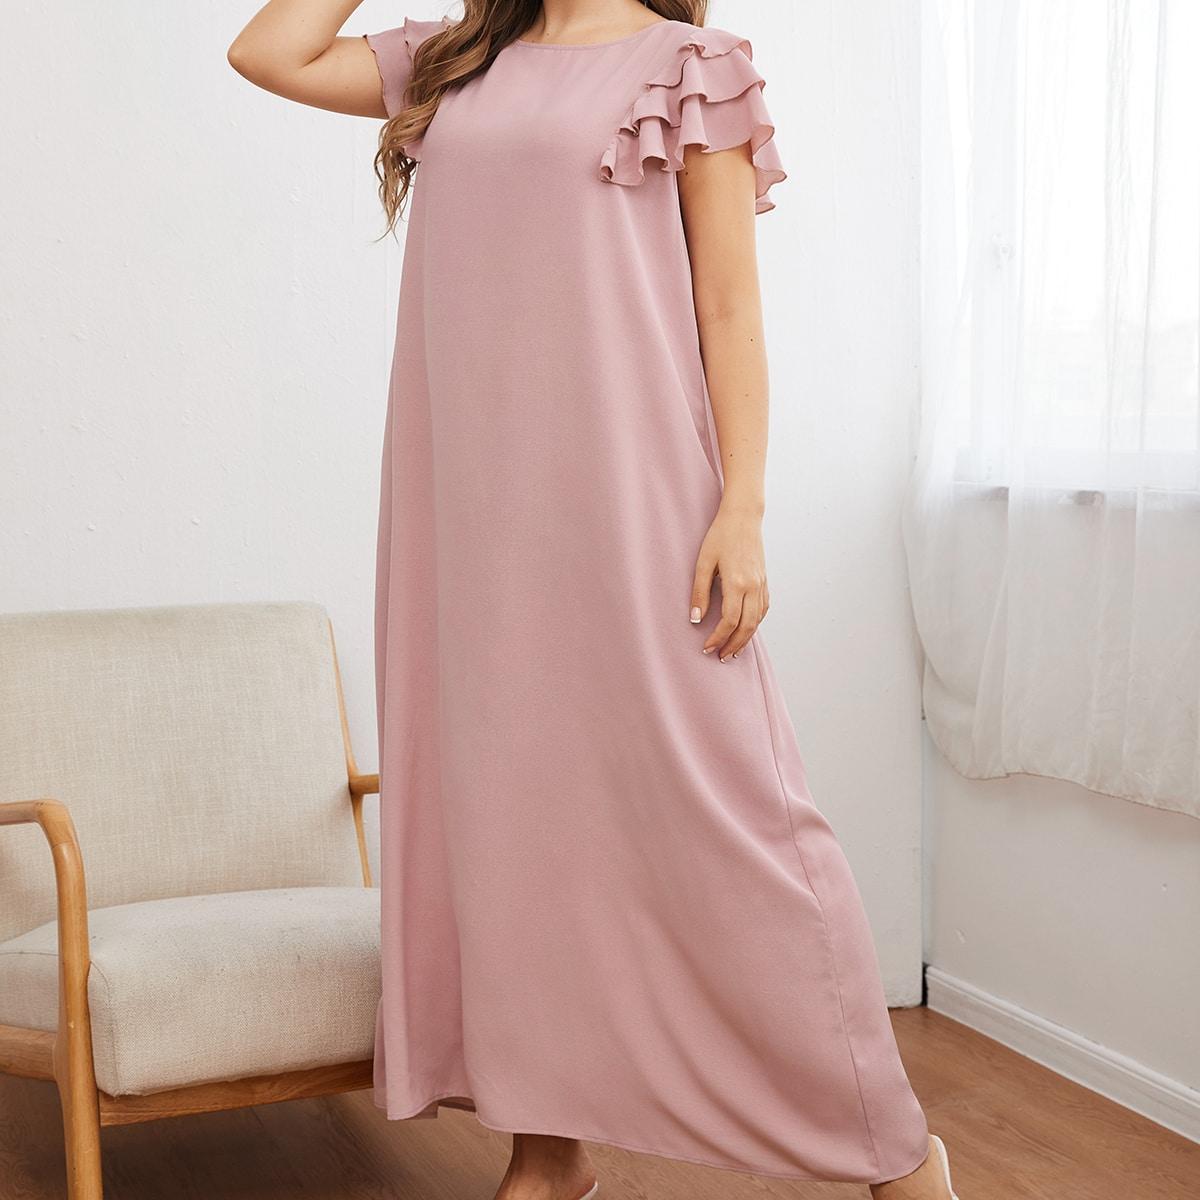 Многослойный Одноцветный Скромный Платья размер плюс